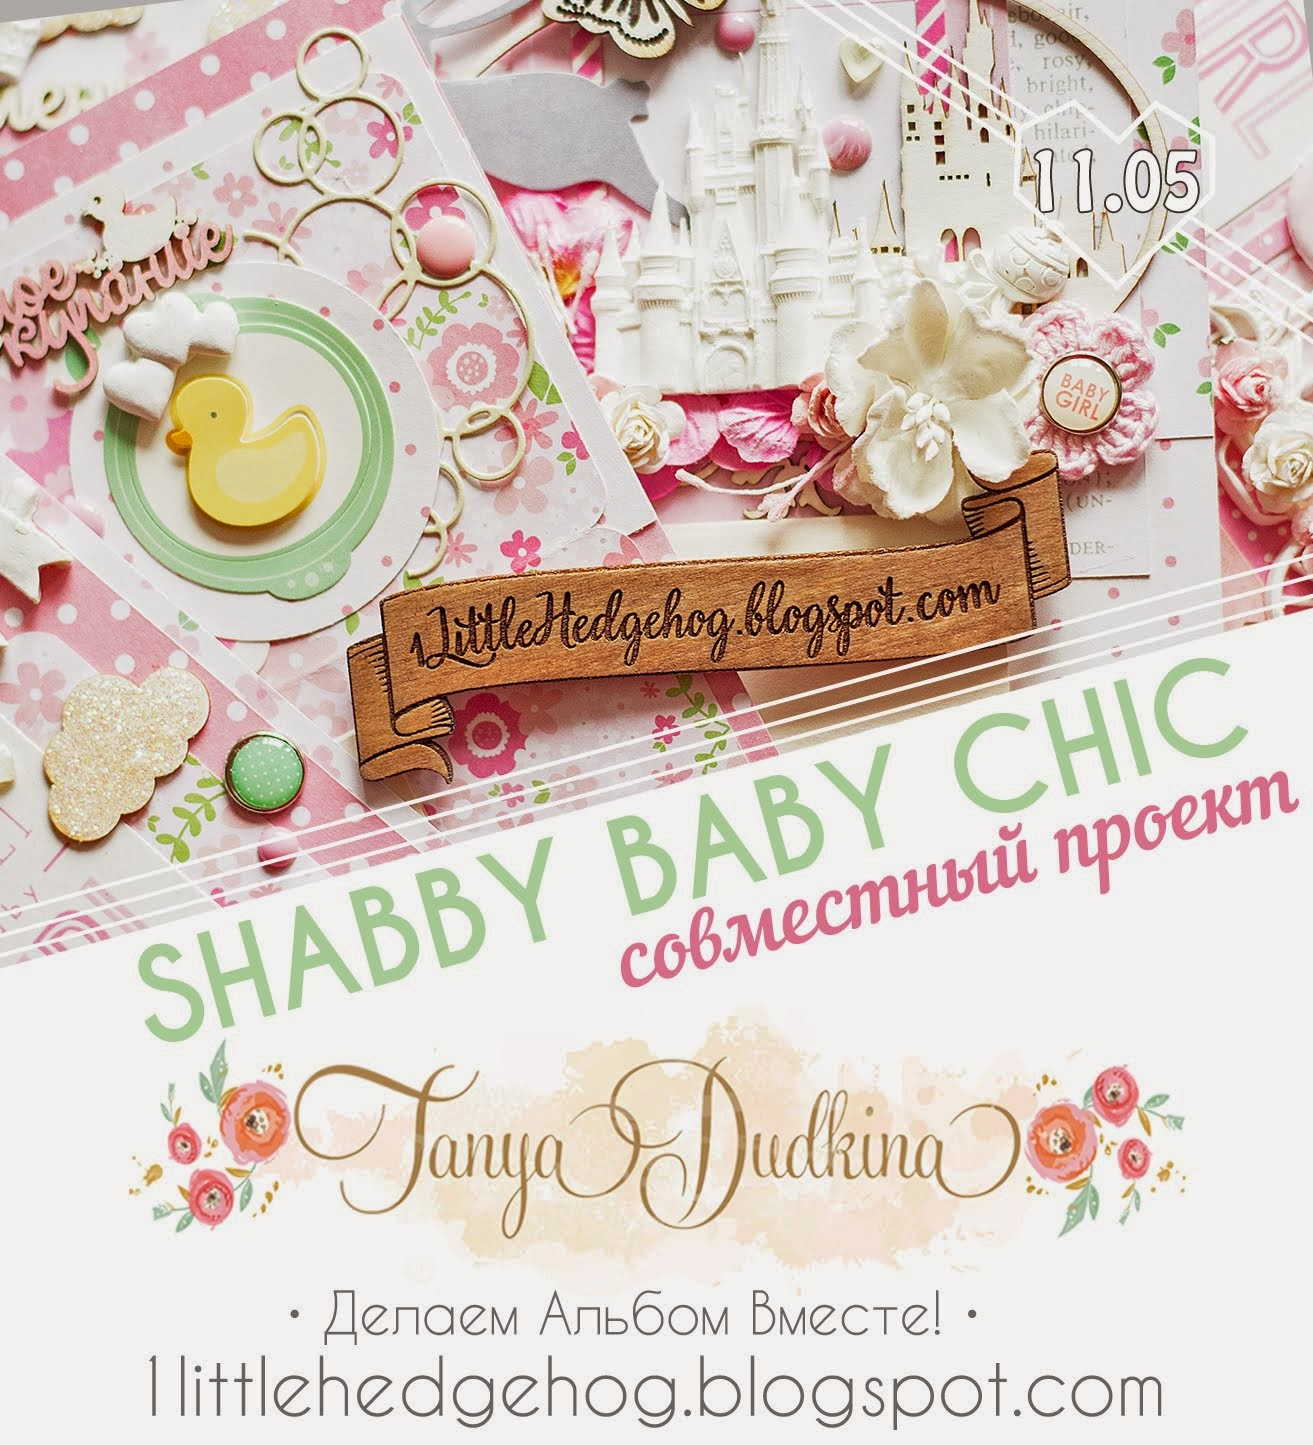 """Совместный проект """"Shabby Baby Chic"""" - детский альбом о самых волшебных моментах :)"""